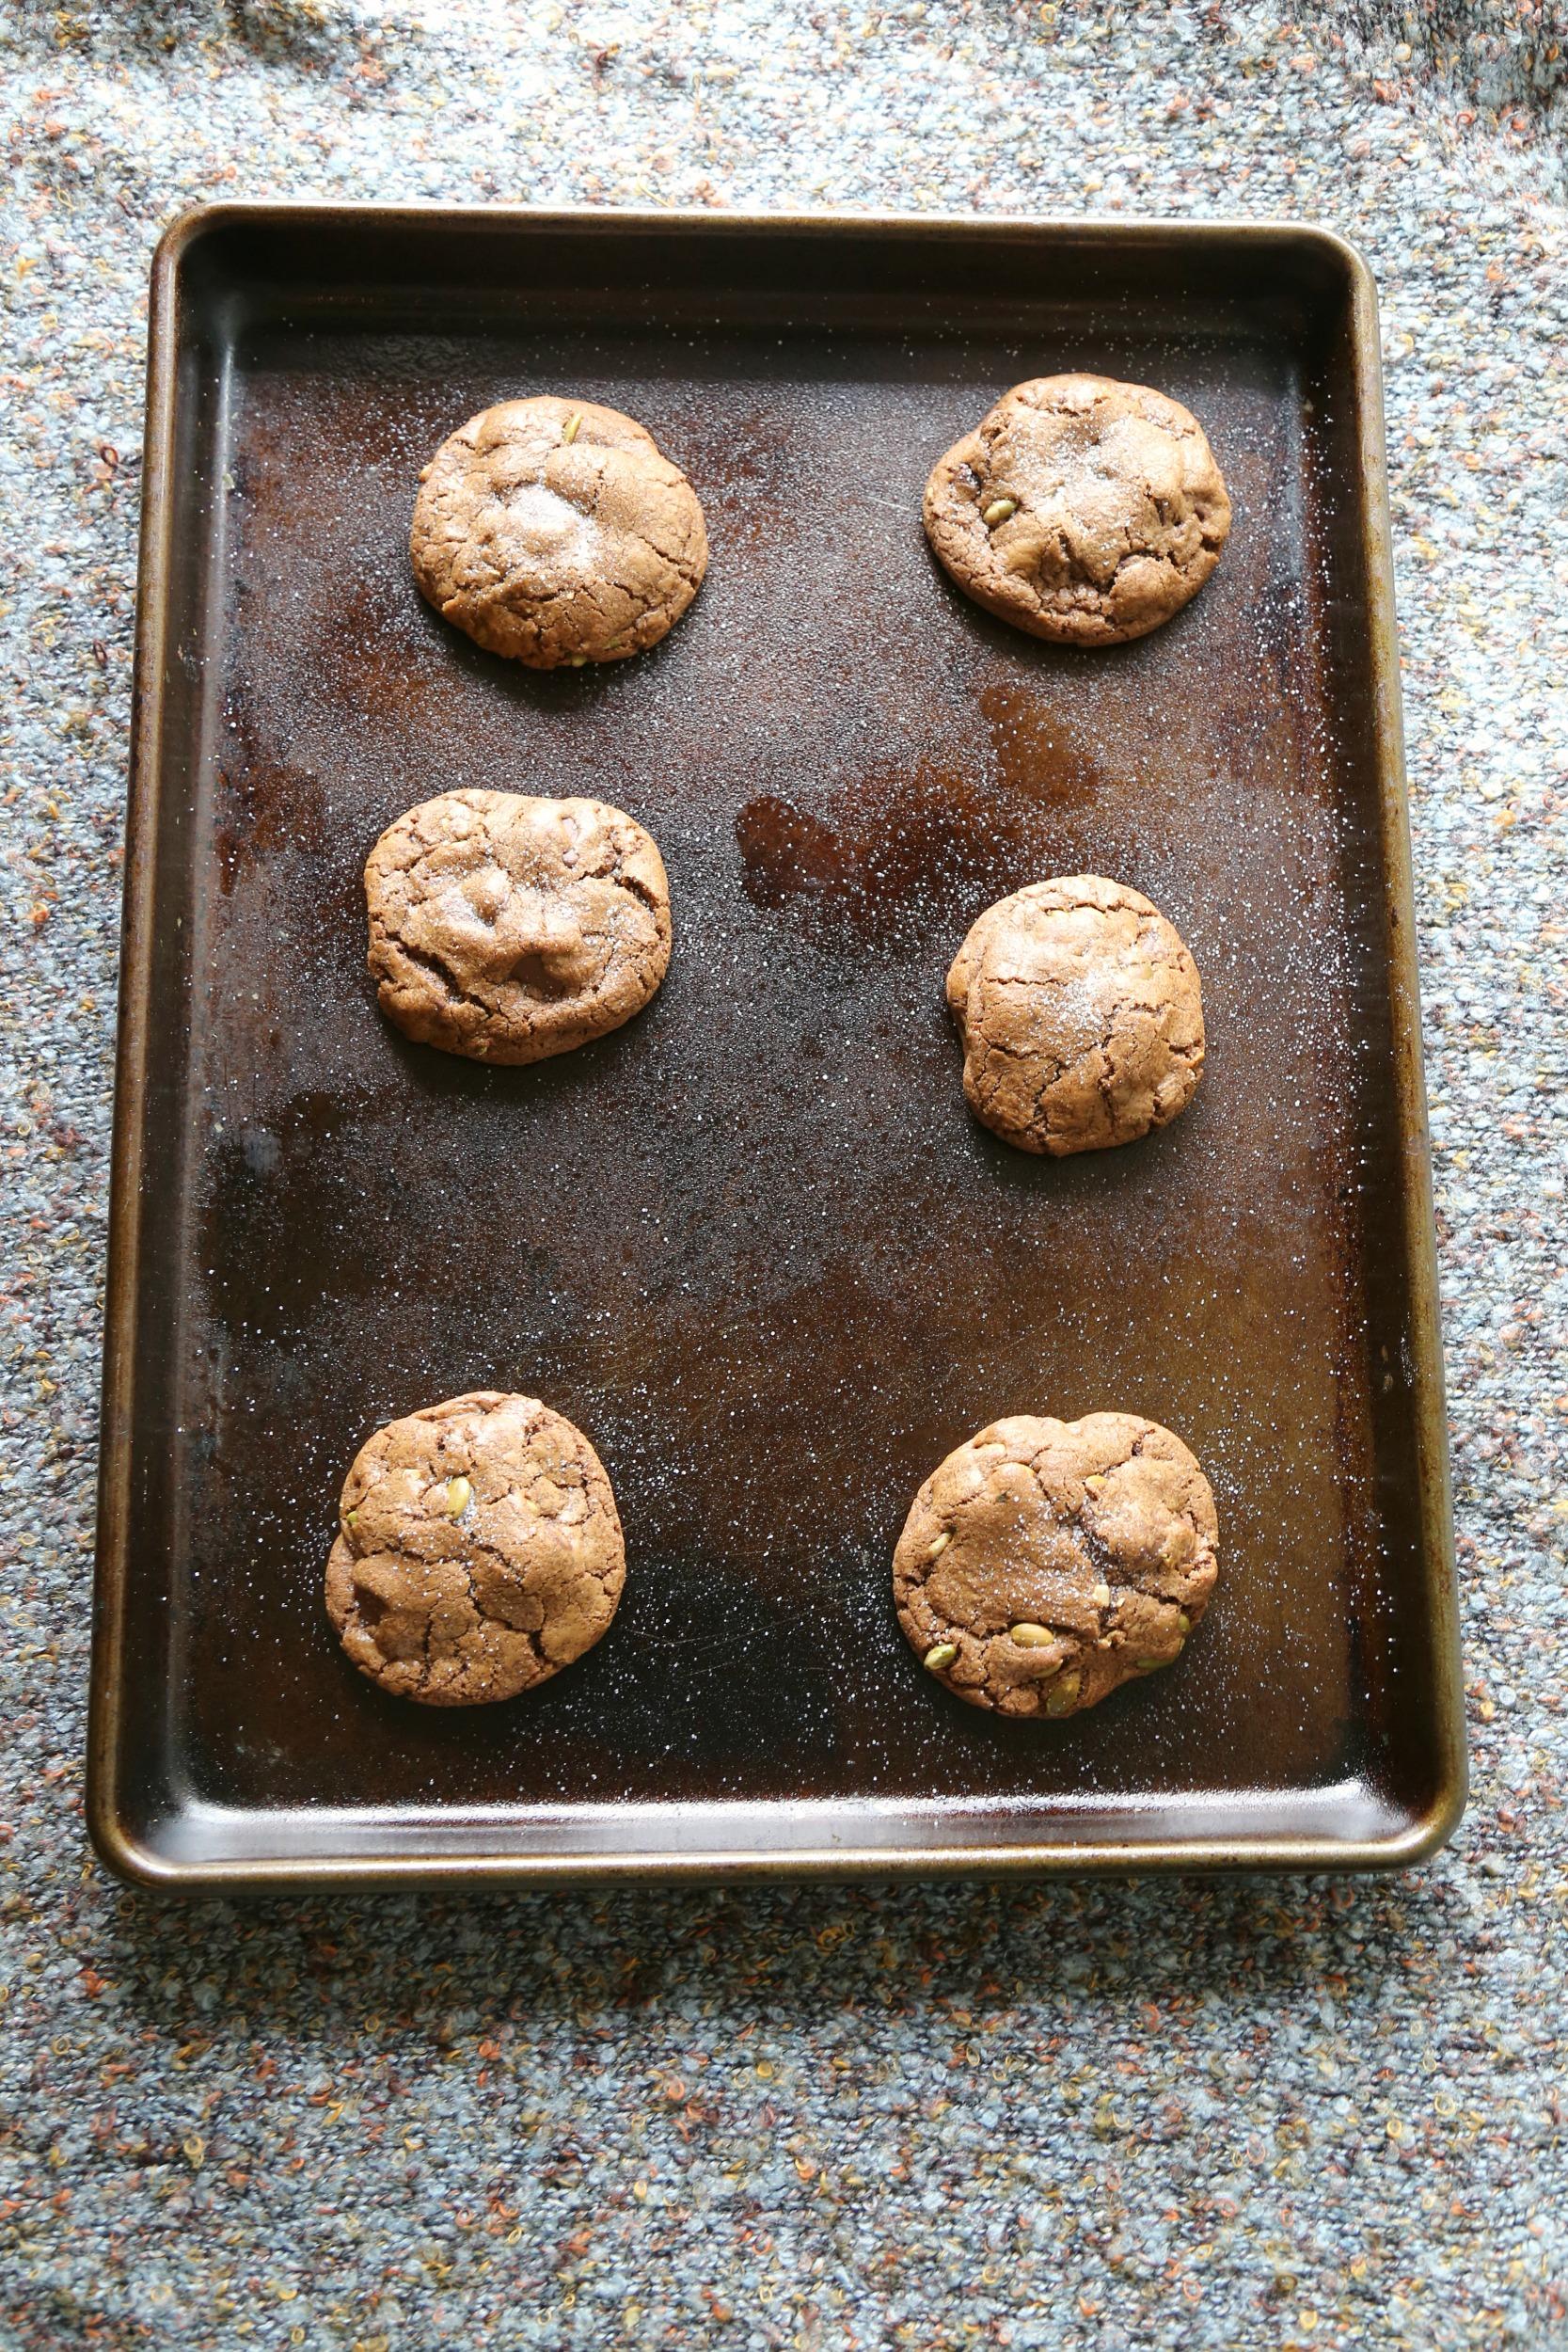 Chocolate-Chunk–Pumpkin-Seed-Cookies-baked-vianneyrodriguez-sweetlifebake